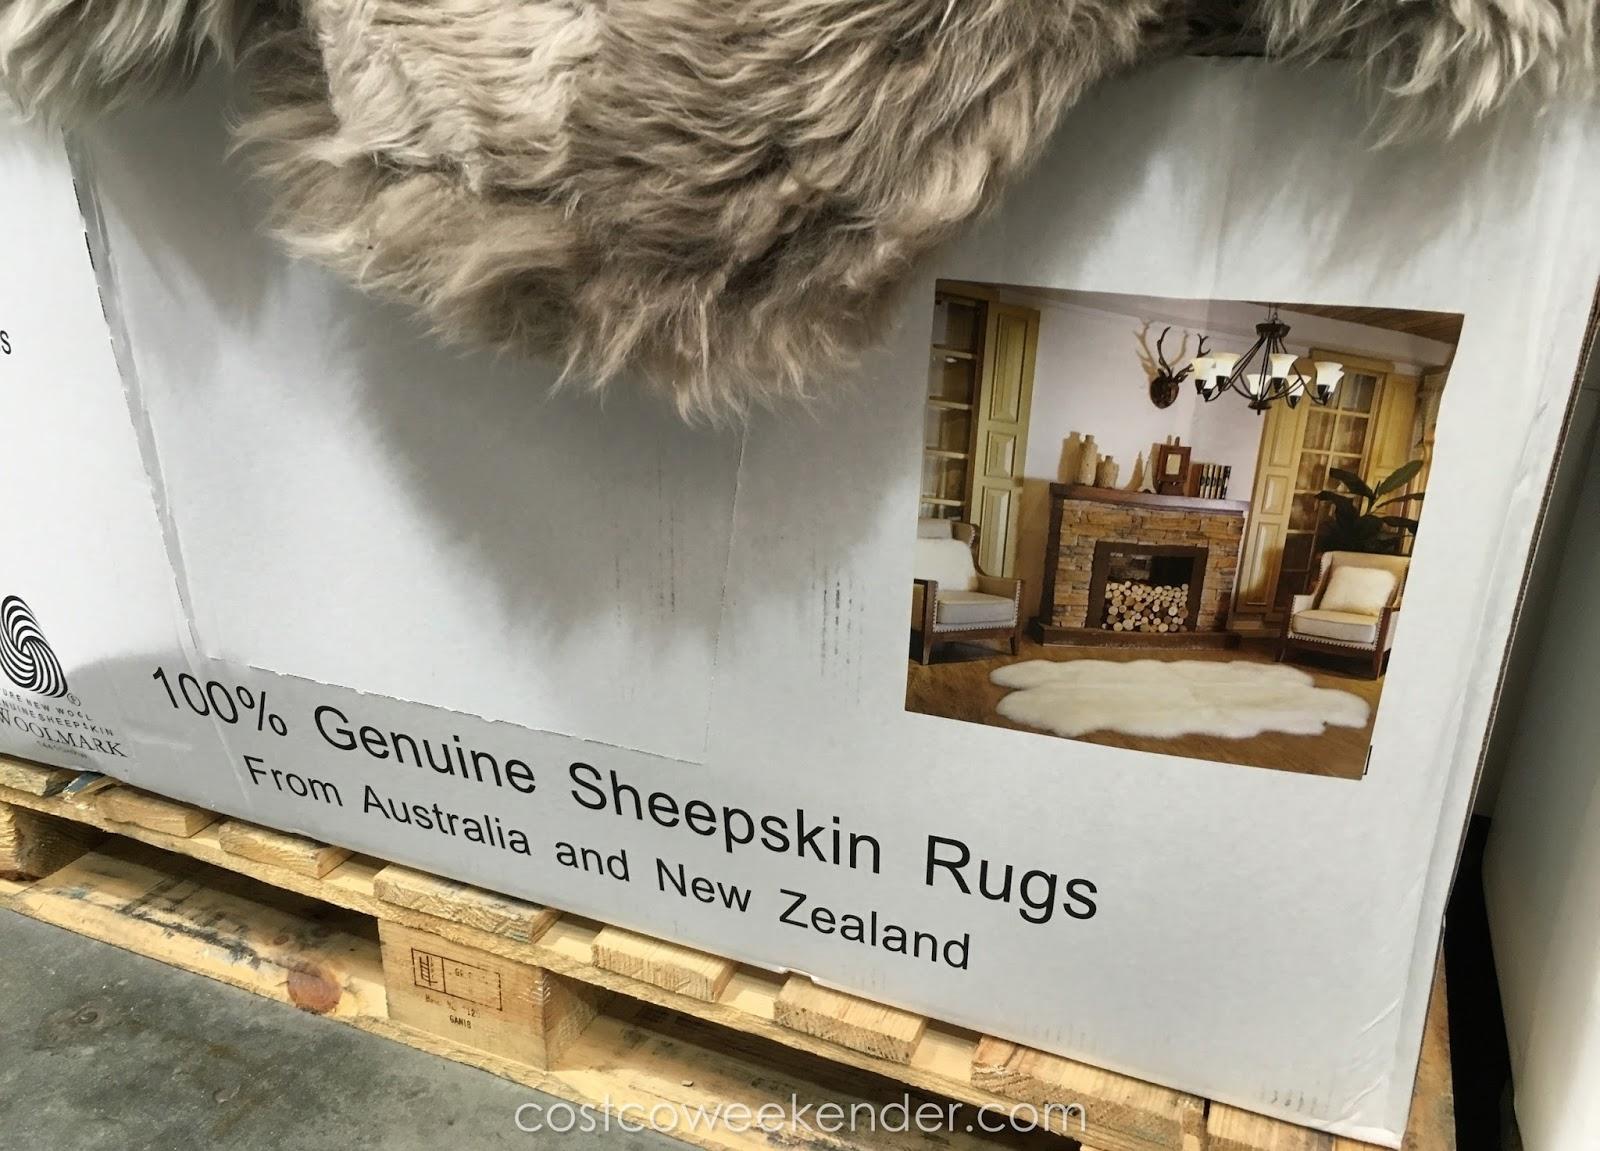 Woolmark Quad Area Genuine Sheepskin Rug Costco Weekender